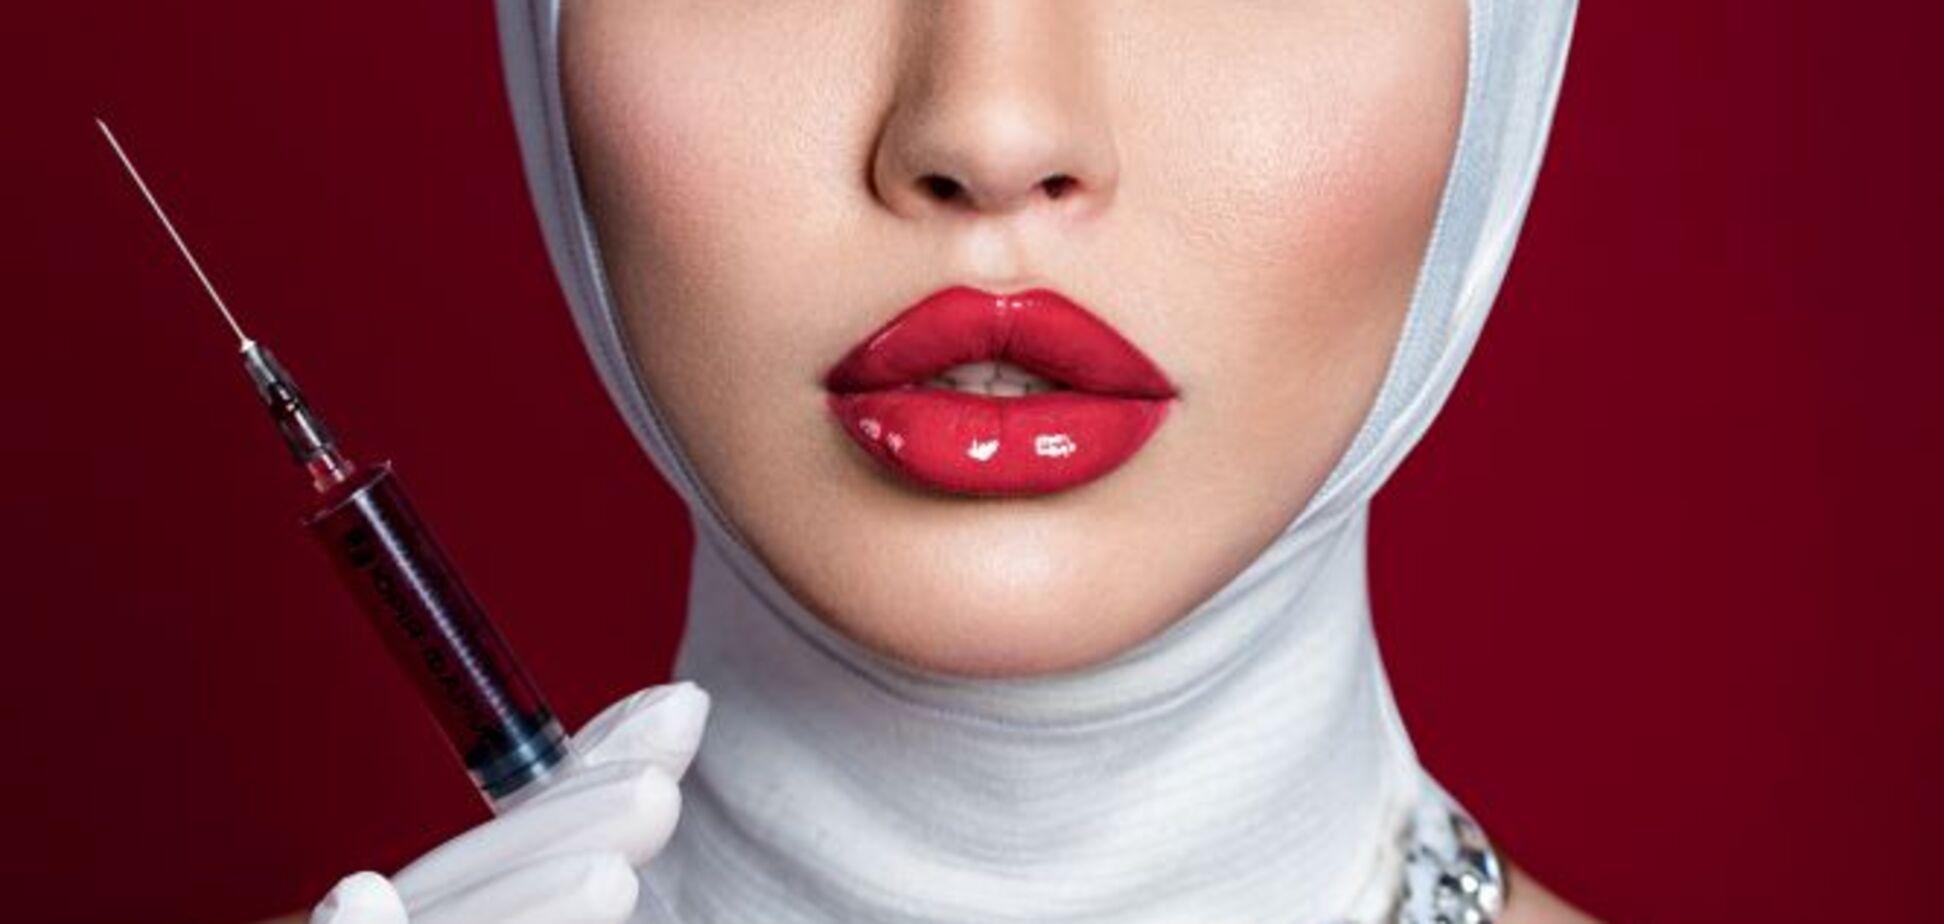 Колоть или нет: врач рассказала о рисках при увеличении губ